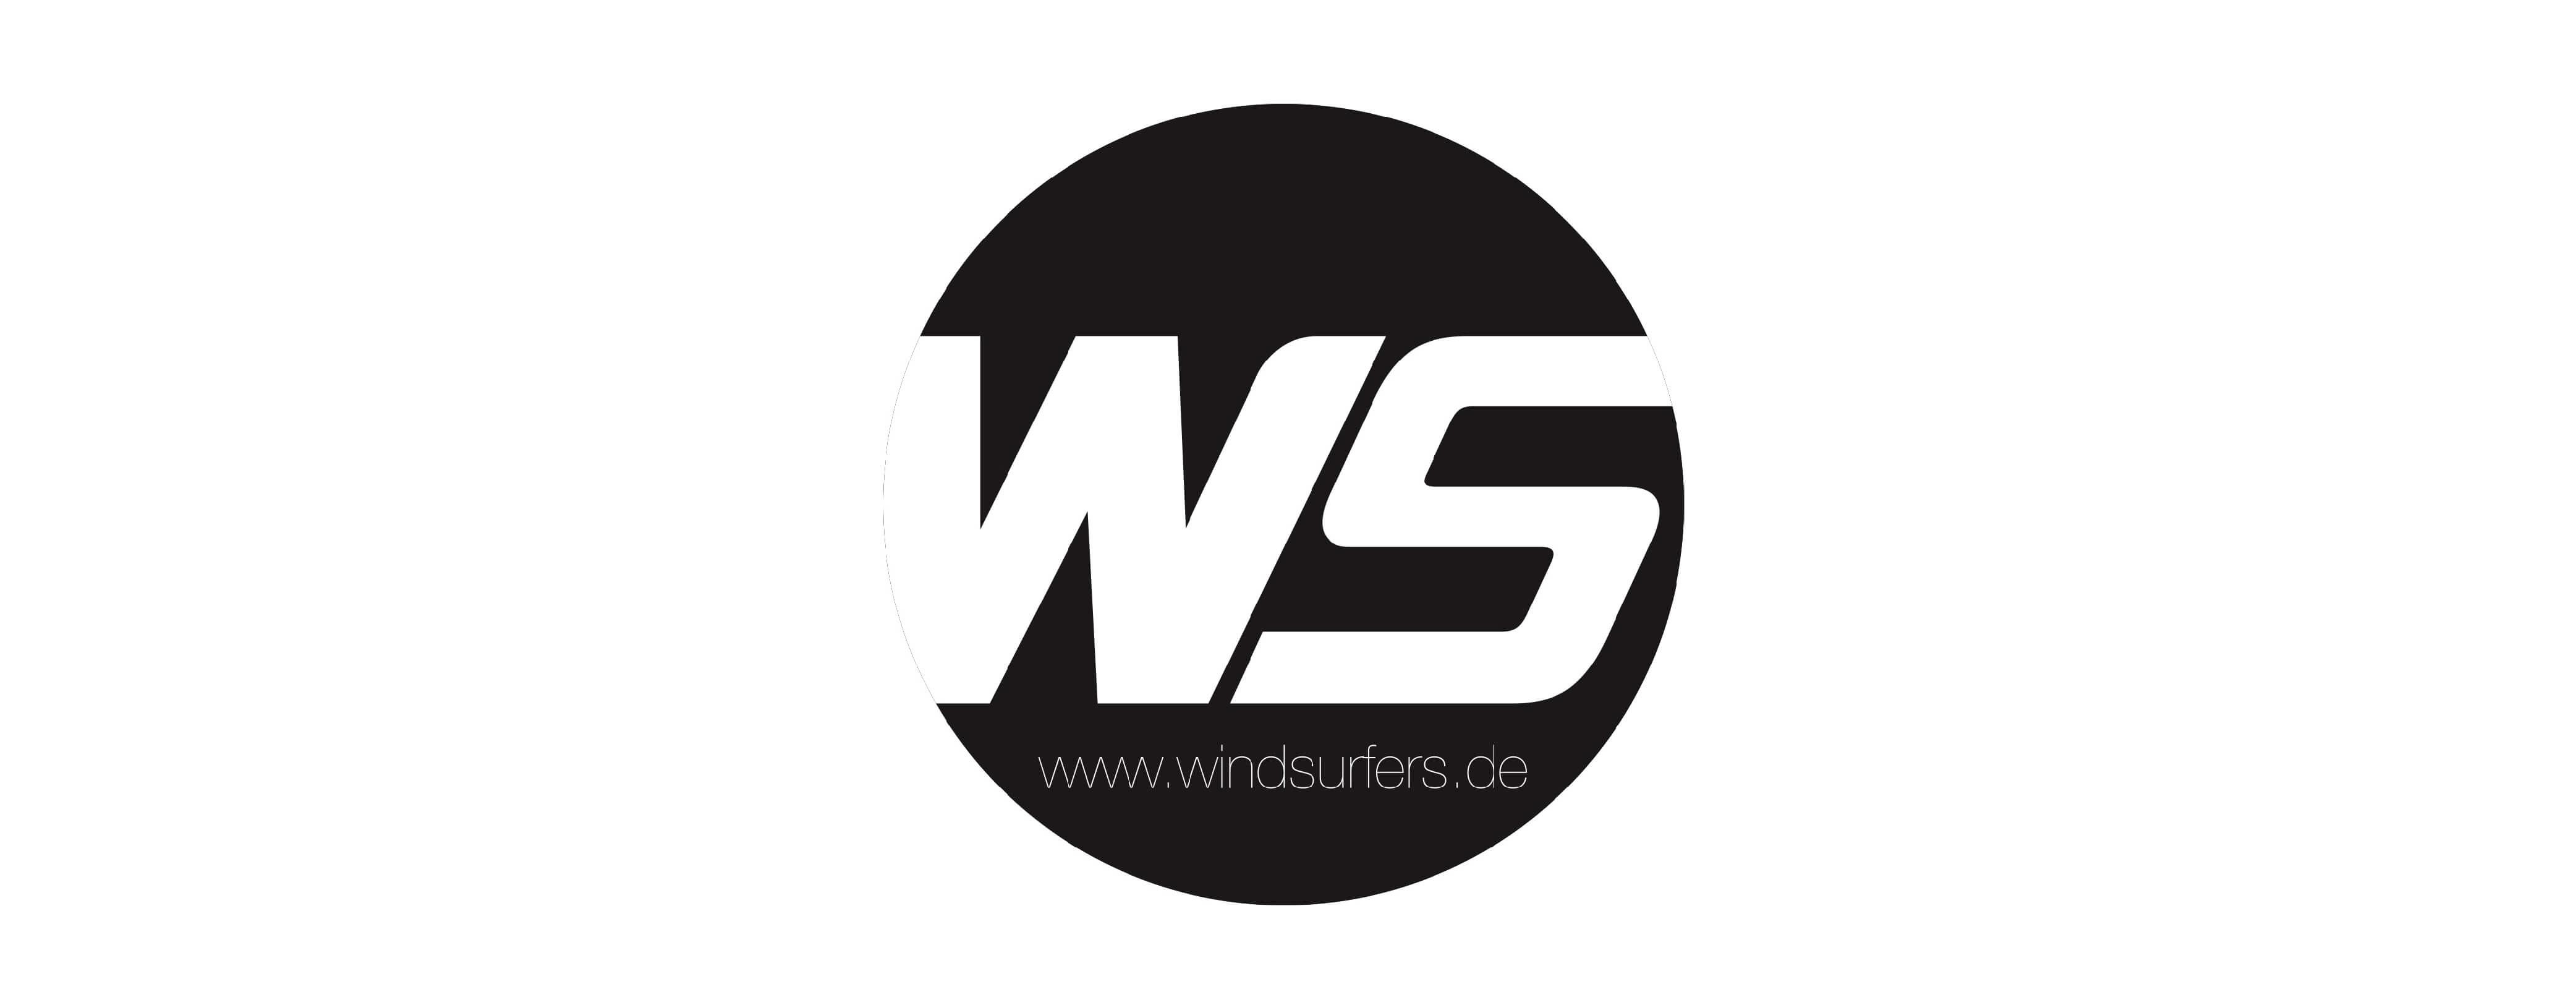 Windsurfers.de